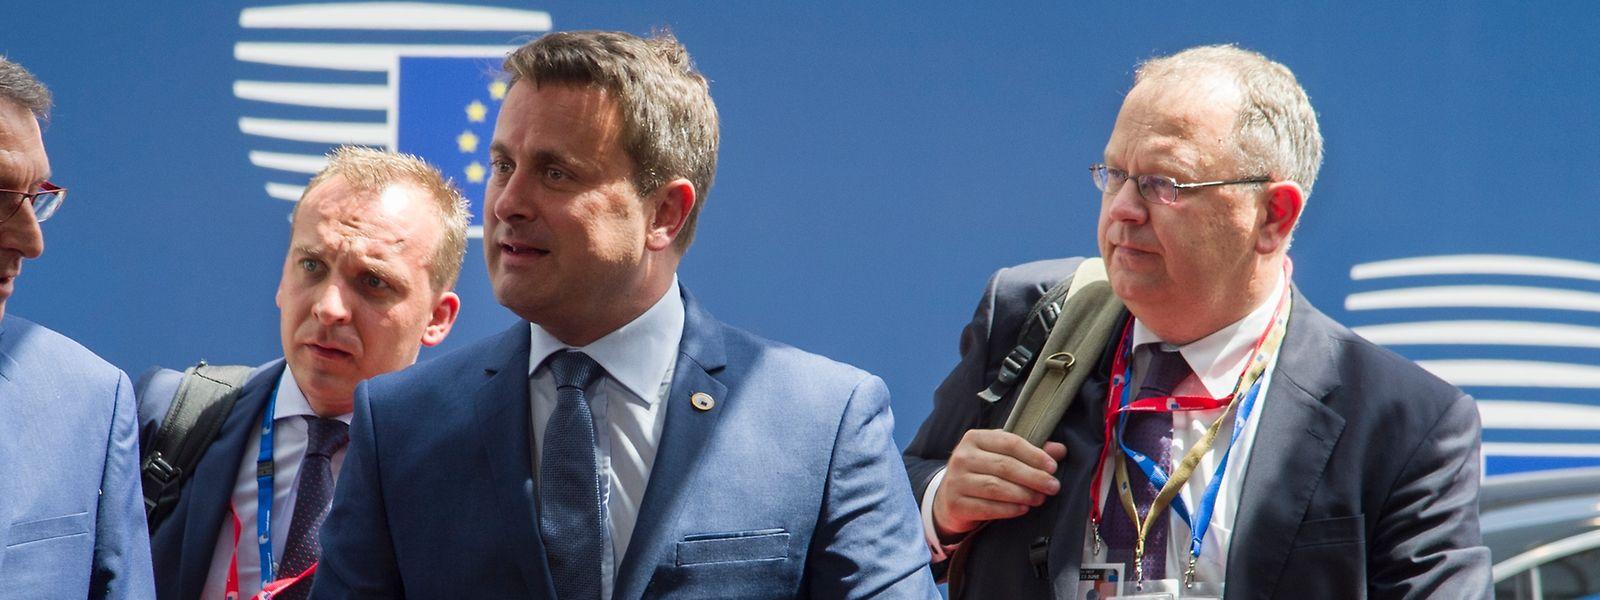 Xavier Bettel lors de son arrivée à Bruxelles pour le sommet européen en juin dernier.